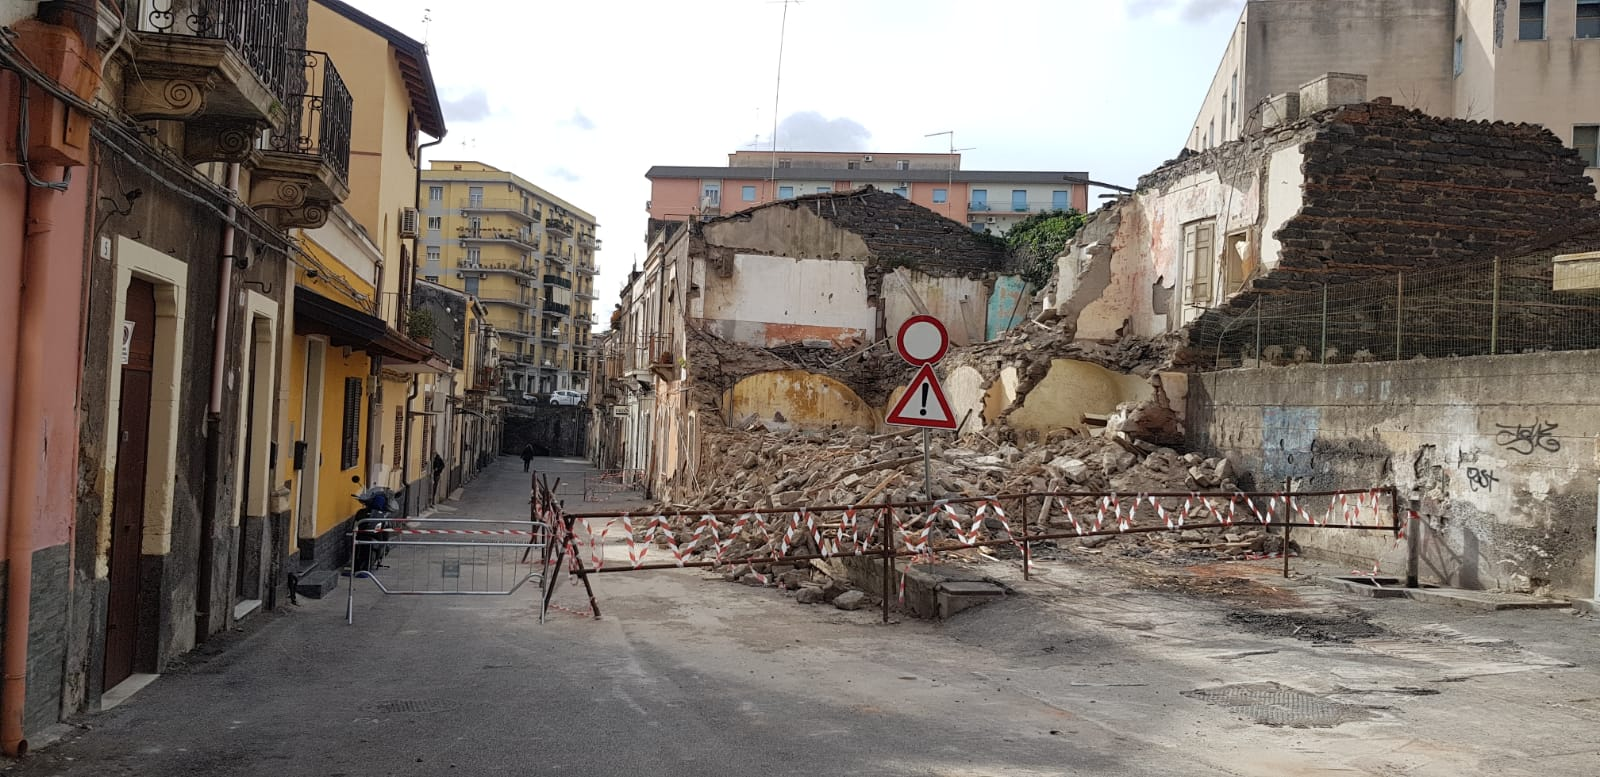 """Catania, crollo in via Volturno. Zingale: """"Necessario mettere in sicurezza l'area il prima possibile"""""""